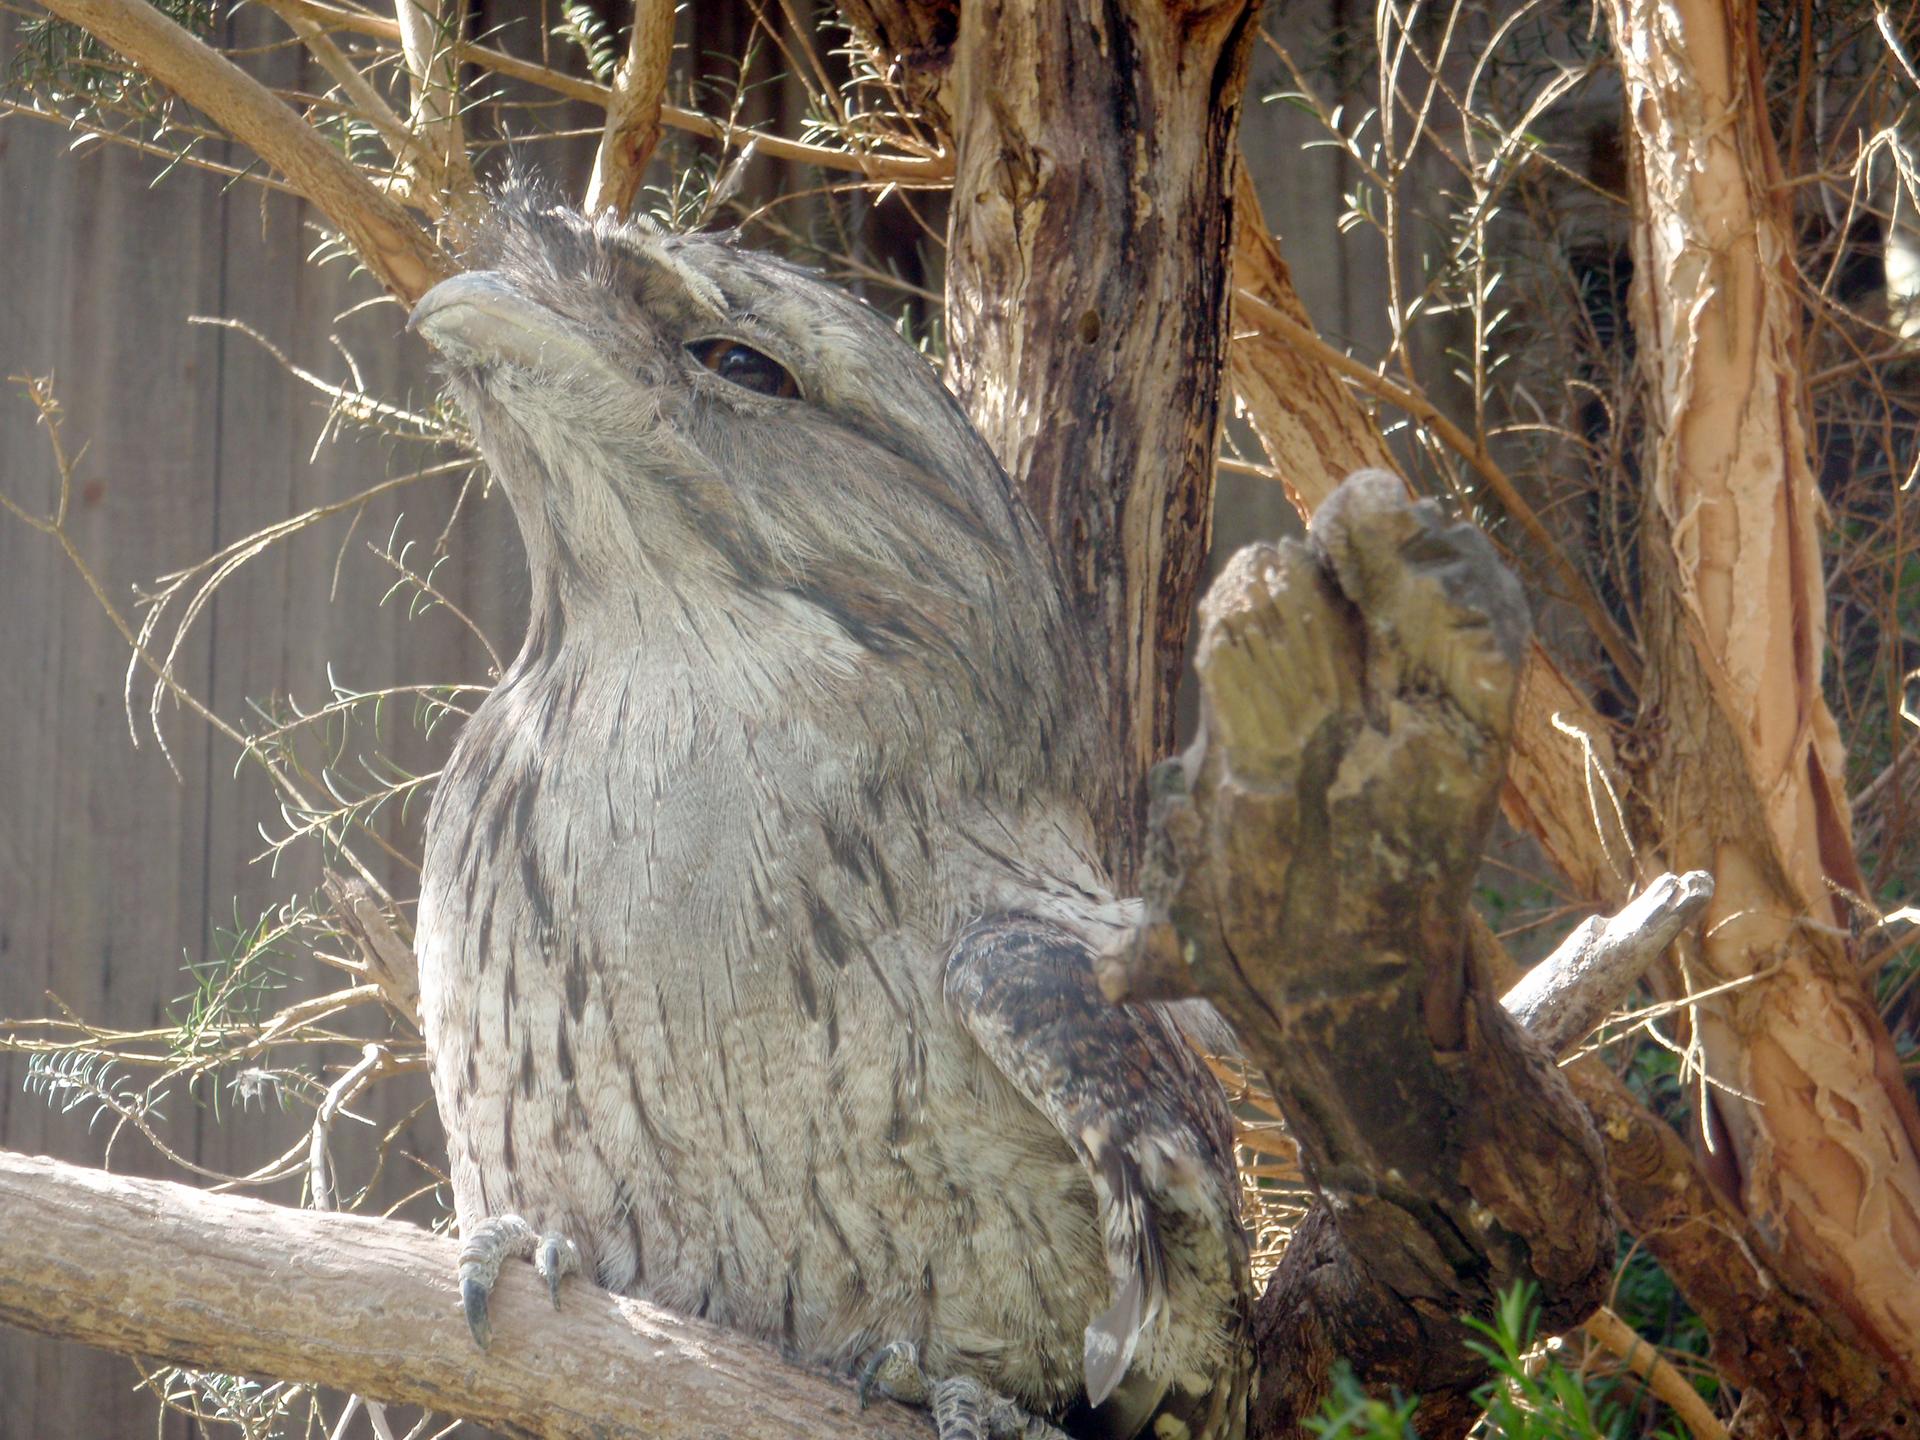 Fotografia przedstawia ptaka siedzącego na pniu drzewa. Kaształt ptaka ikolor upierzenia sprawiają , że wydaje się on częścią drzewa.